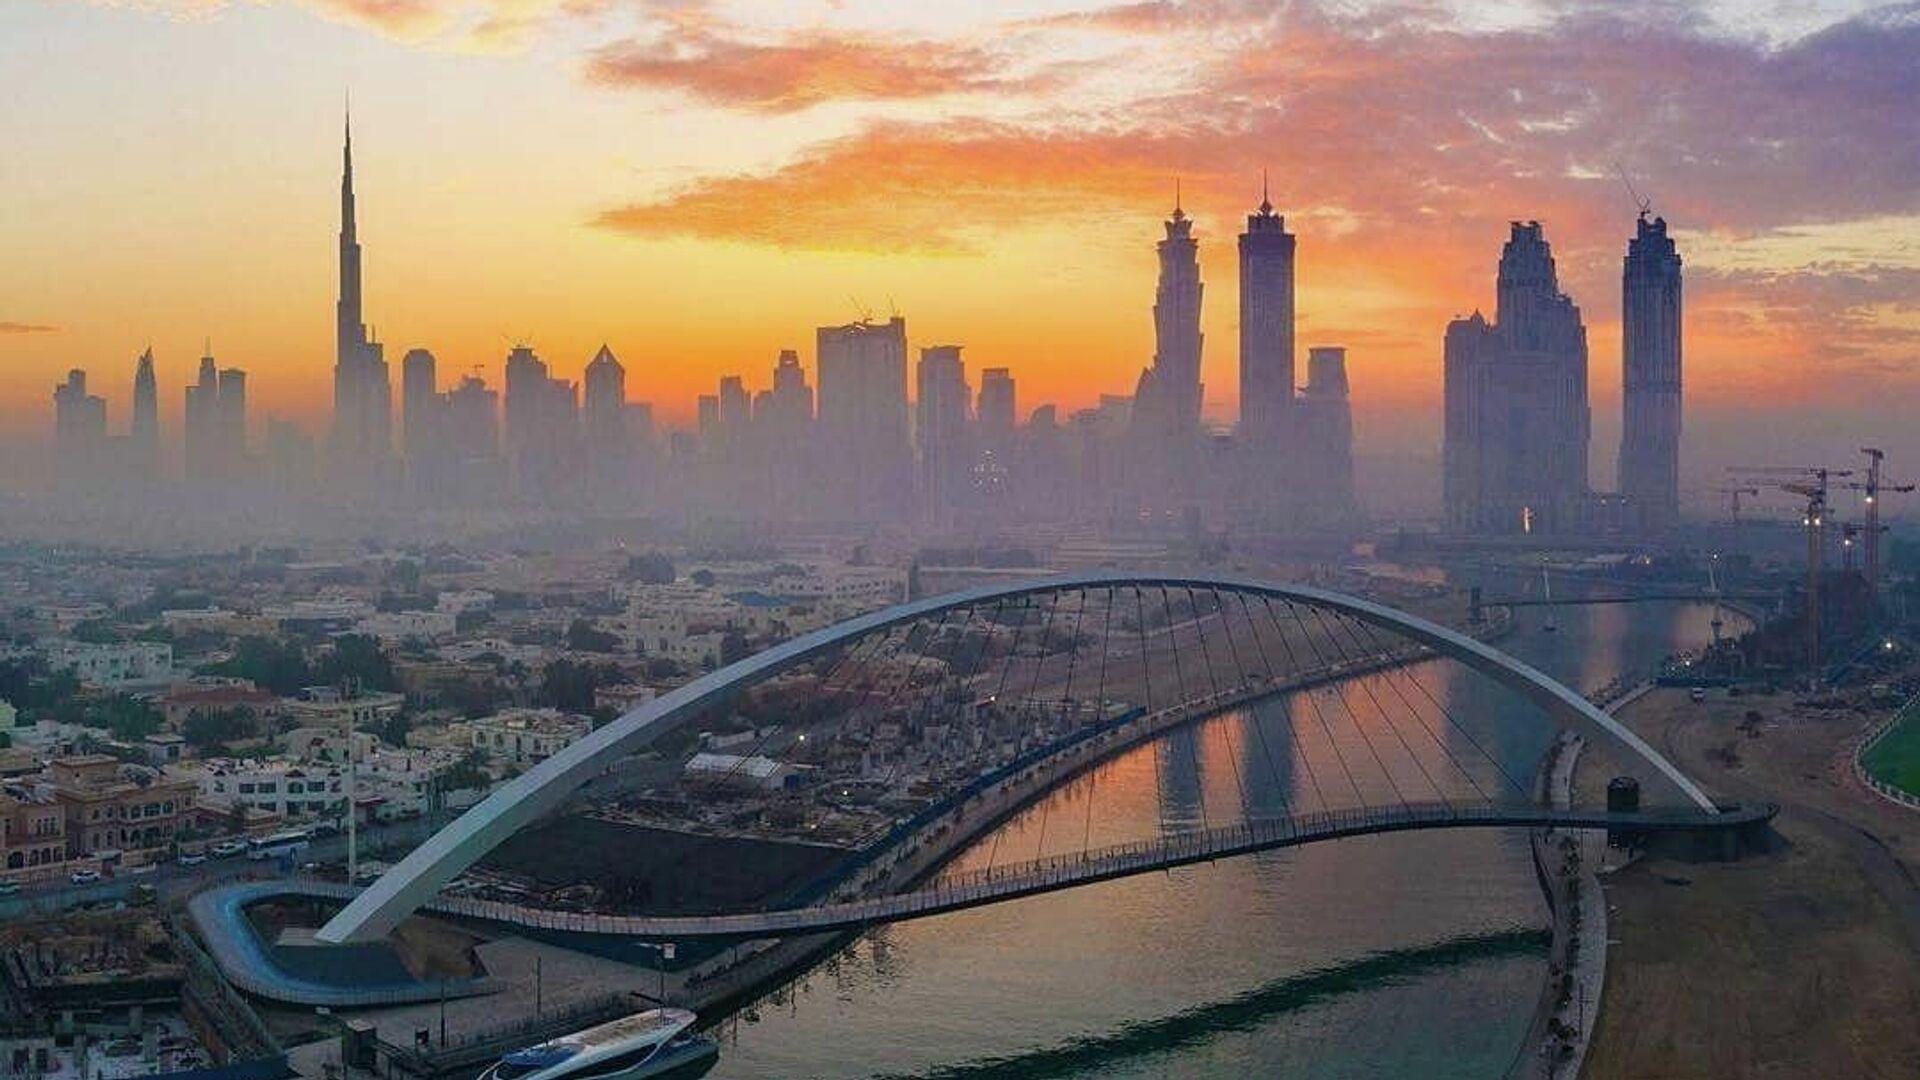 Мост толерантности в Дубае - РИА Новости, 1920, 05.04.2021